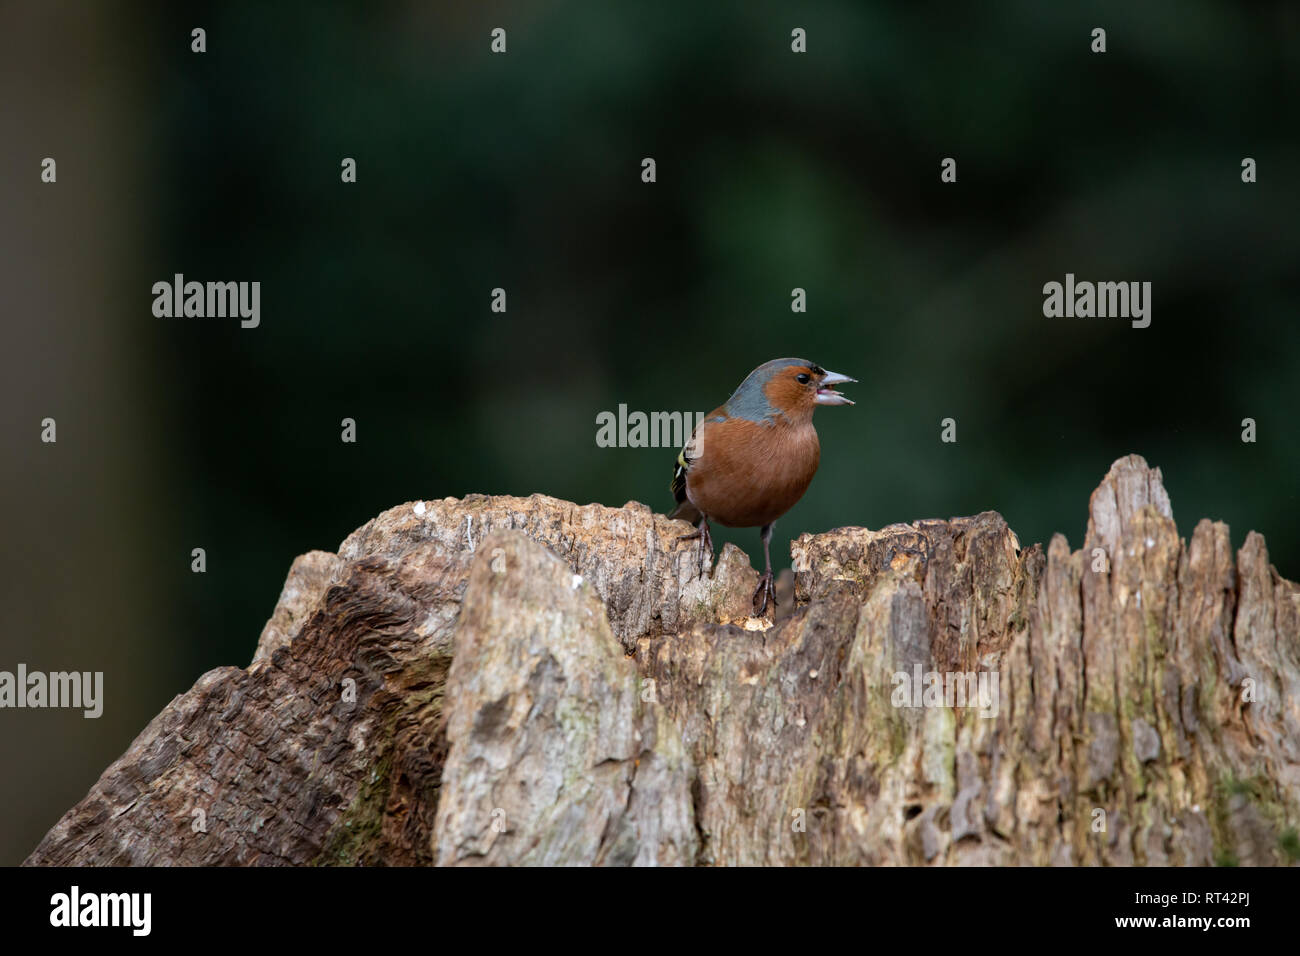 Buchfink auf einem Baumstamm - Stock Image